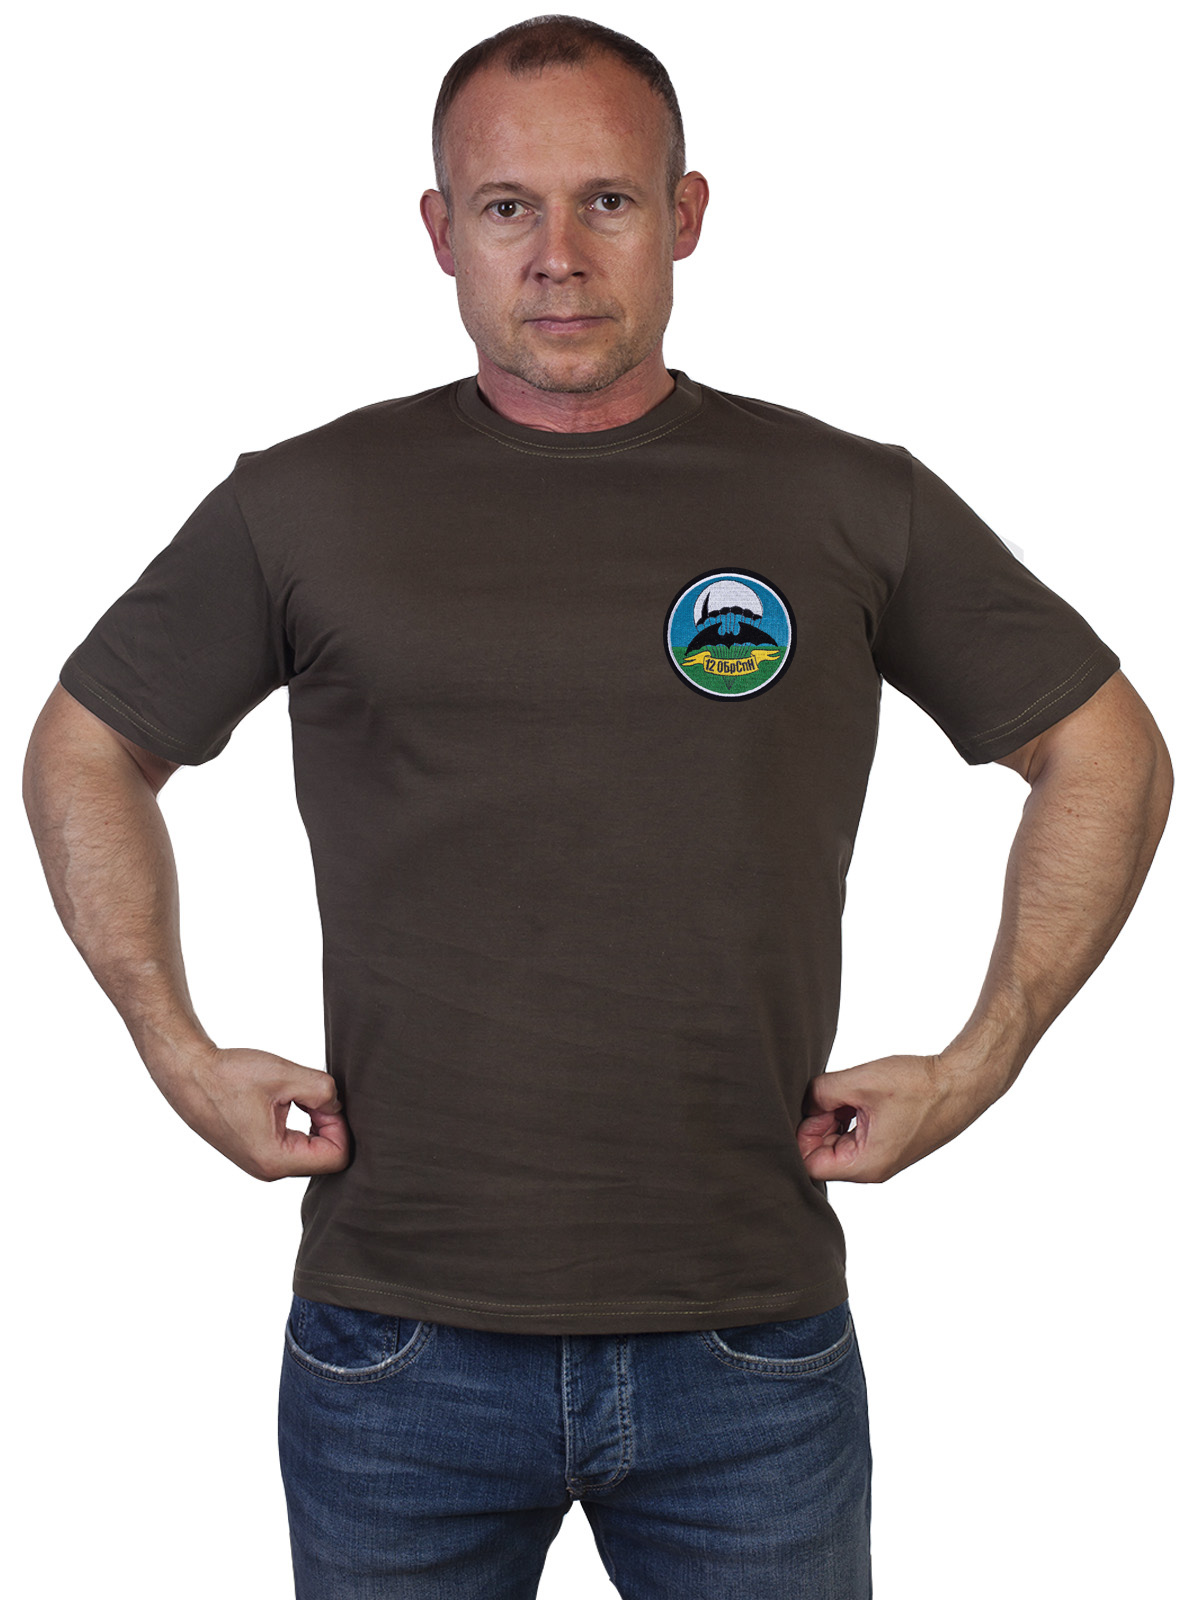 Мужские футболки 12 ОБрСпН ГРУ с доставкой